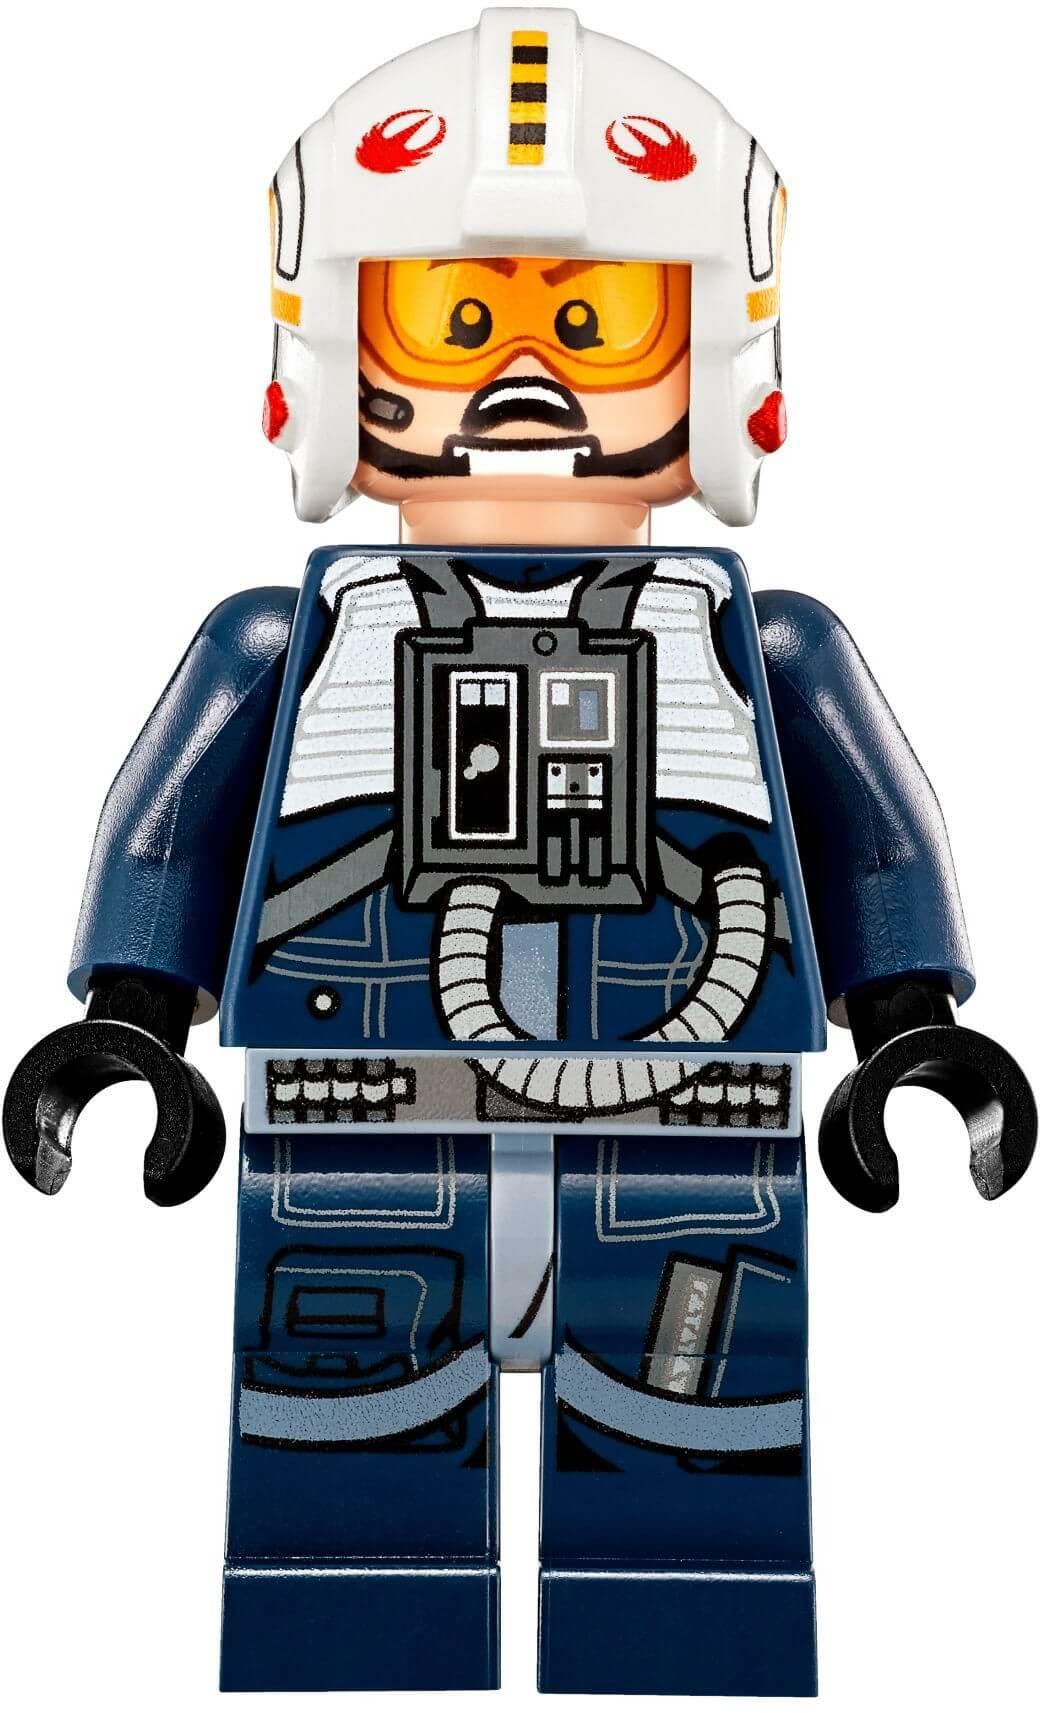 Mua đồ chơi LEGO 75162 - LEGO Star Wars 75162 - Phi Thuyền Y-Wing (LEGO 75162 Y-Wing Microfighter)